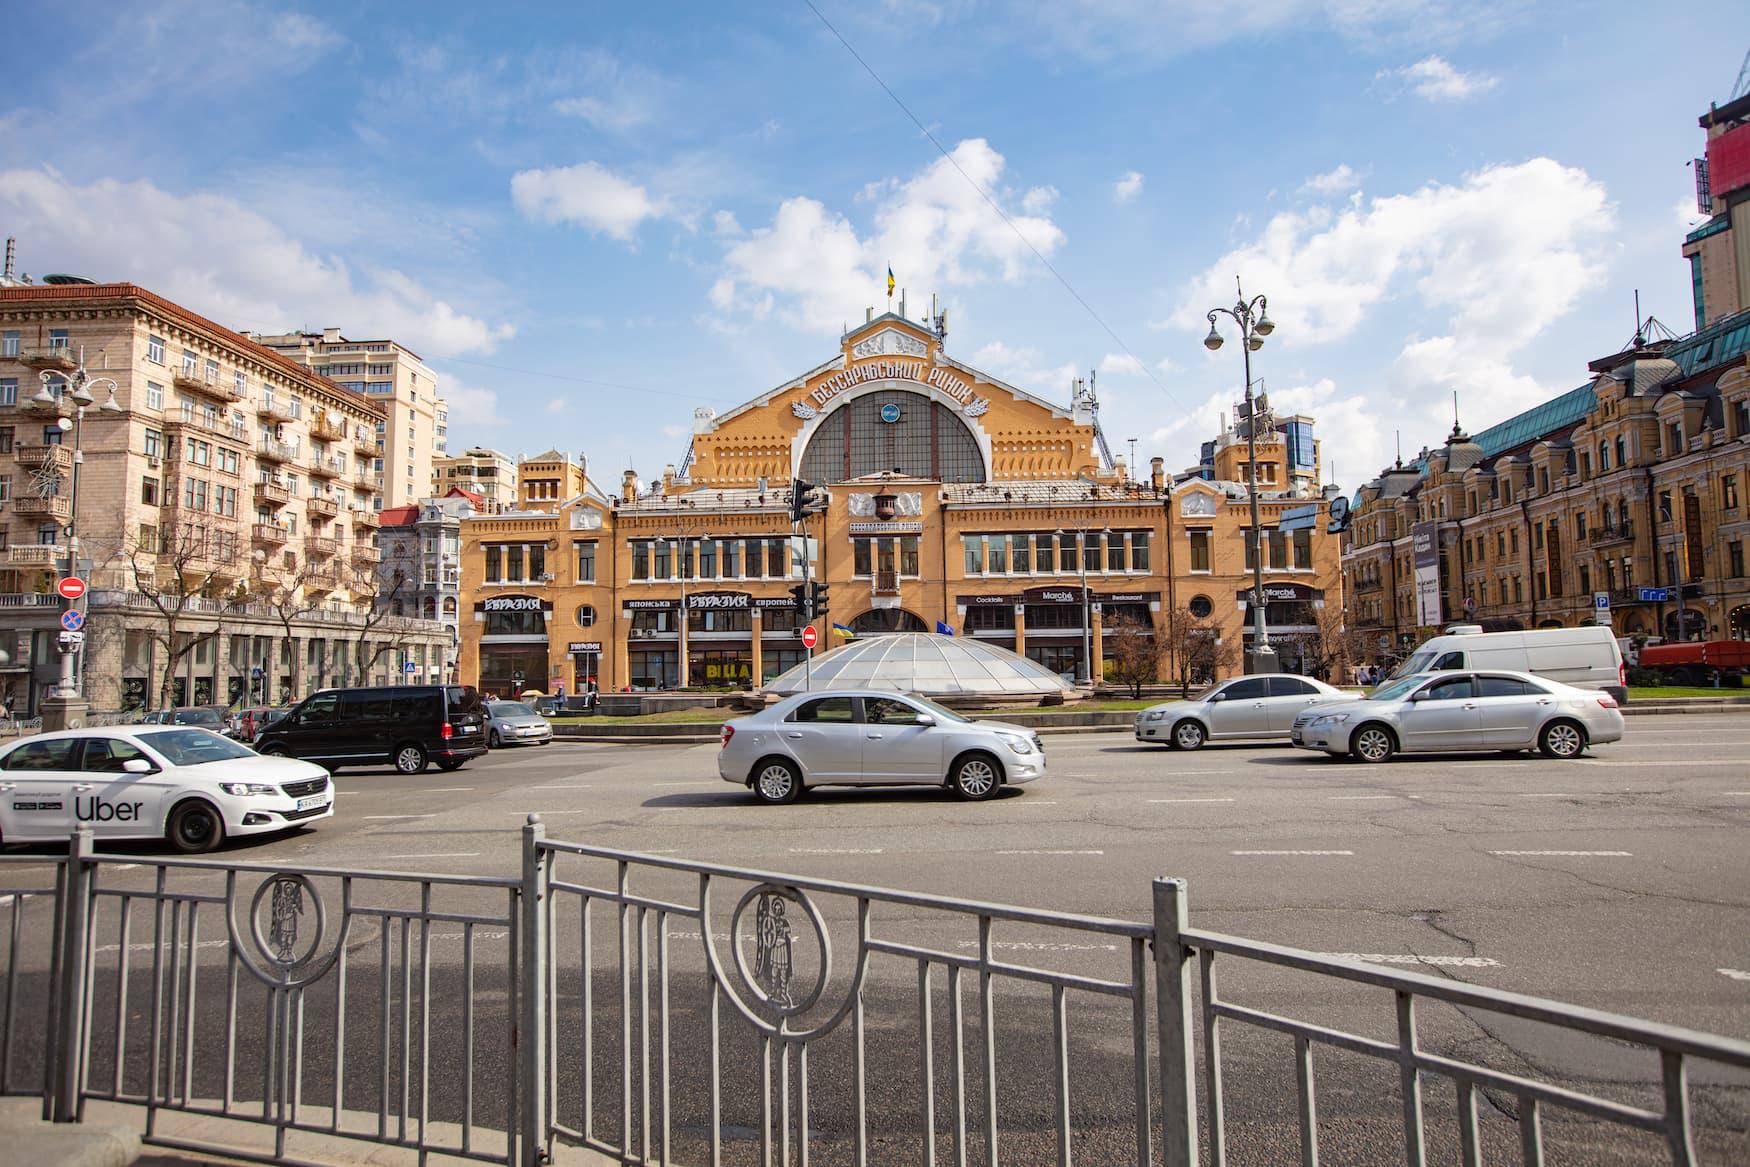 Bessarabska-Markthalle in Kiew